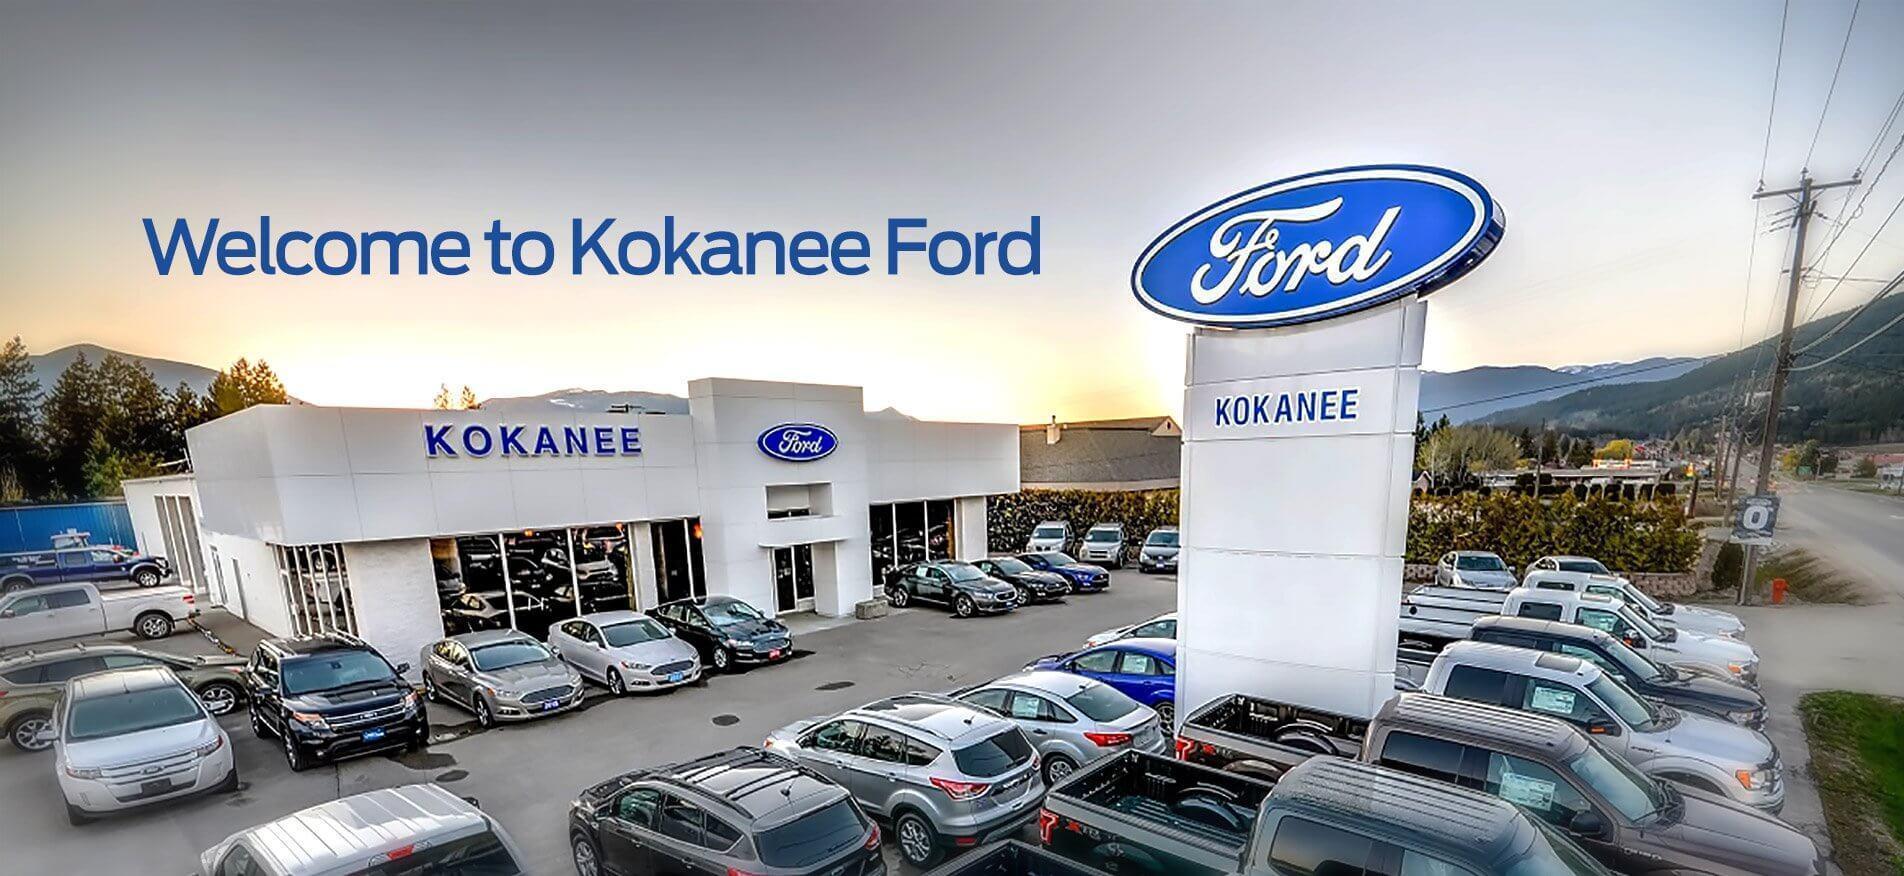 Kokanee Ford